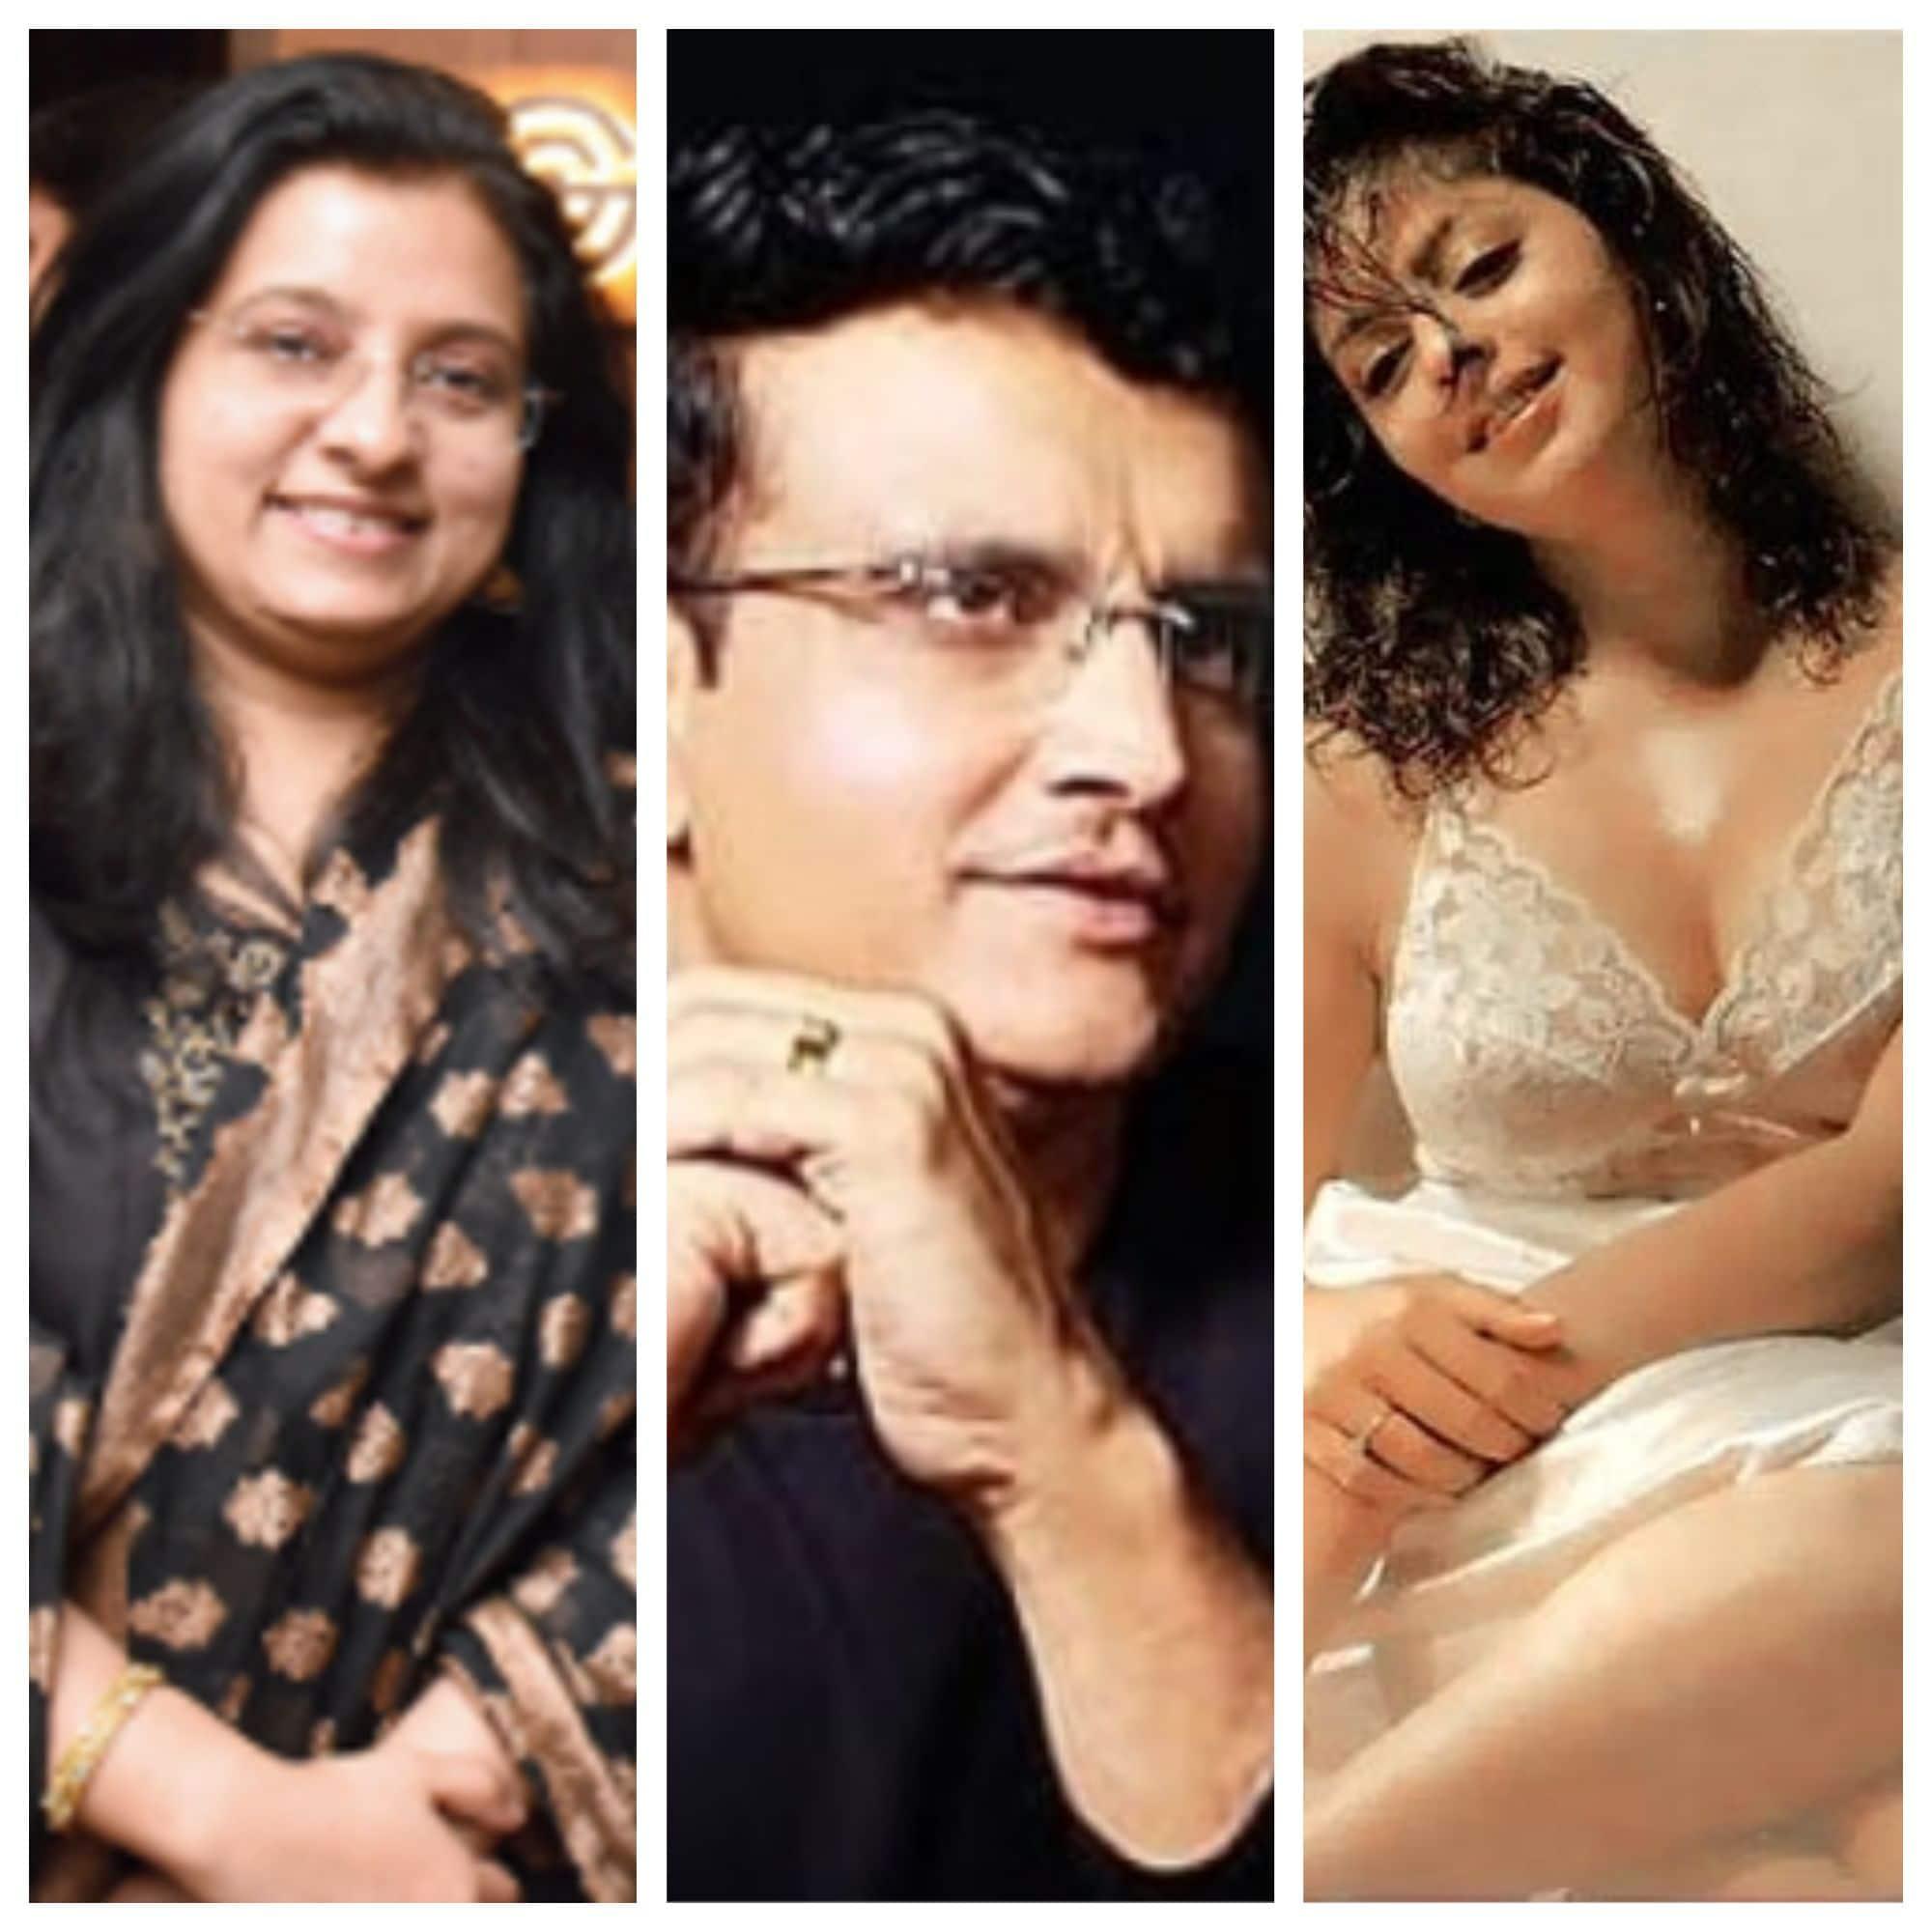 जब सौरव गांगुली को हुई एक्ट्रेस नगमा से मोहब्बत (Sourav-Nagma Love Affair)